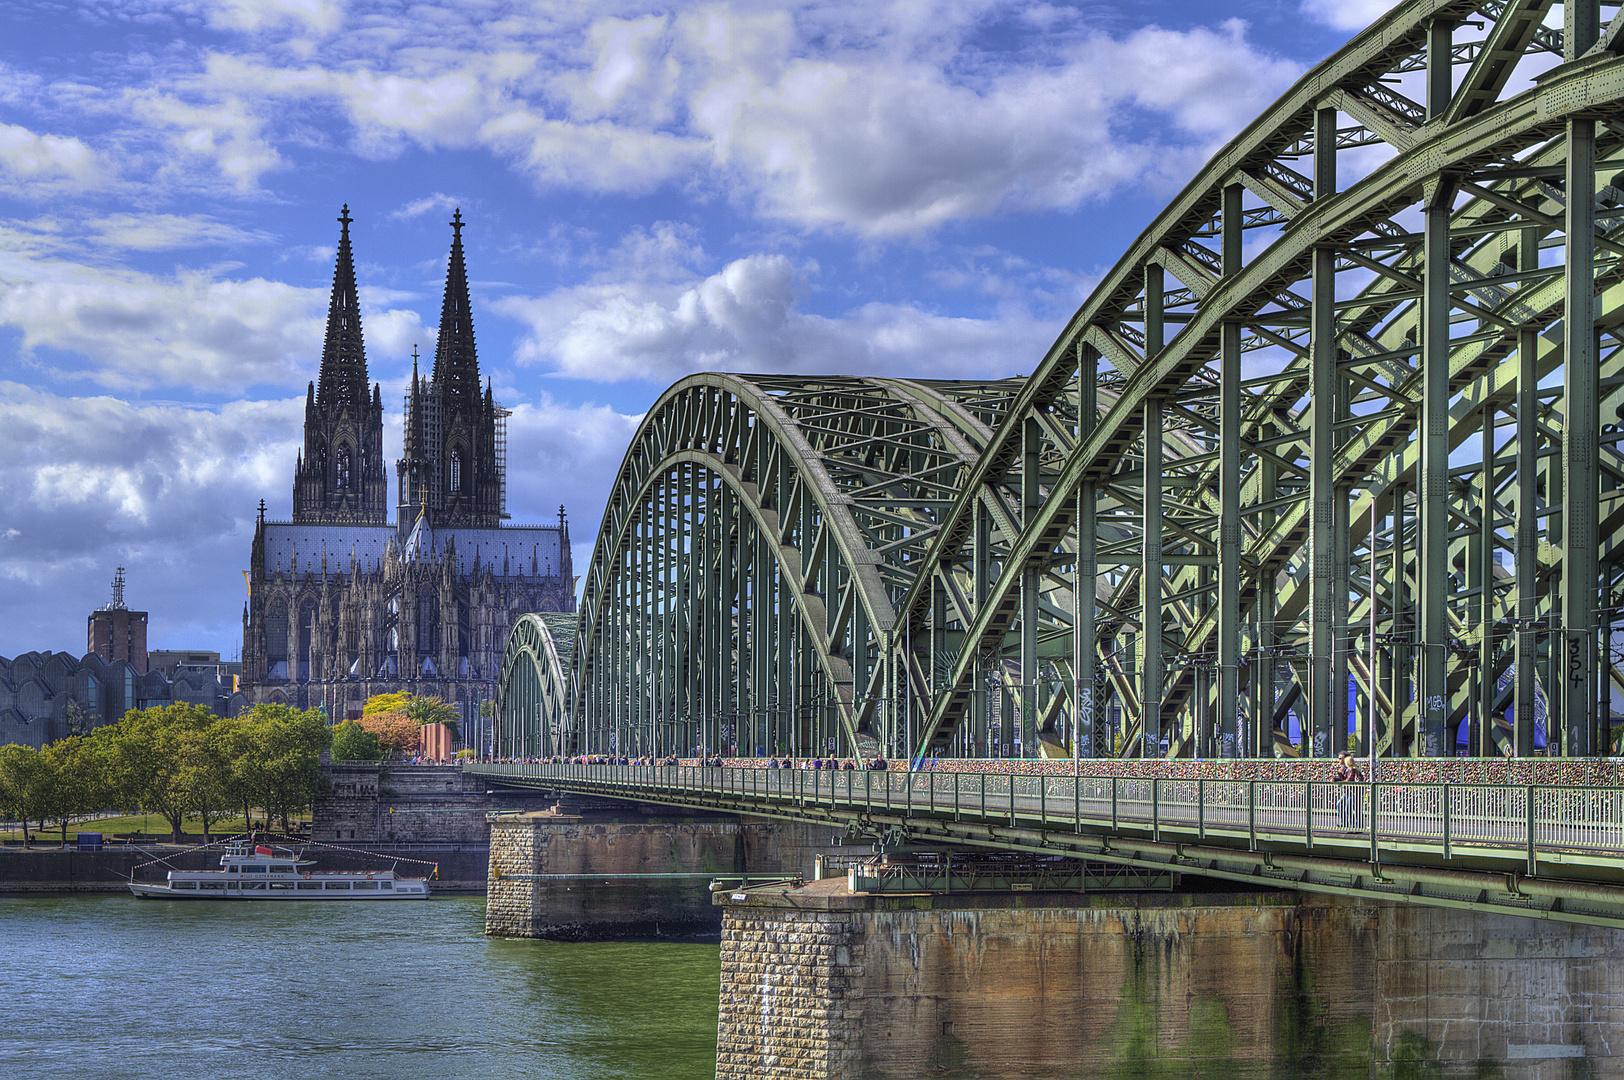 Hohenzollernbrücke in HDR